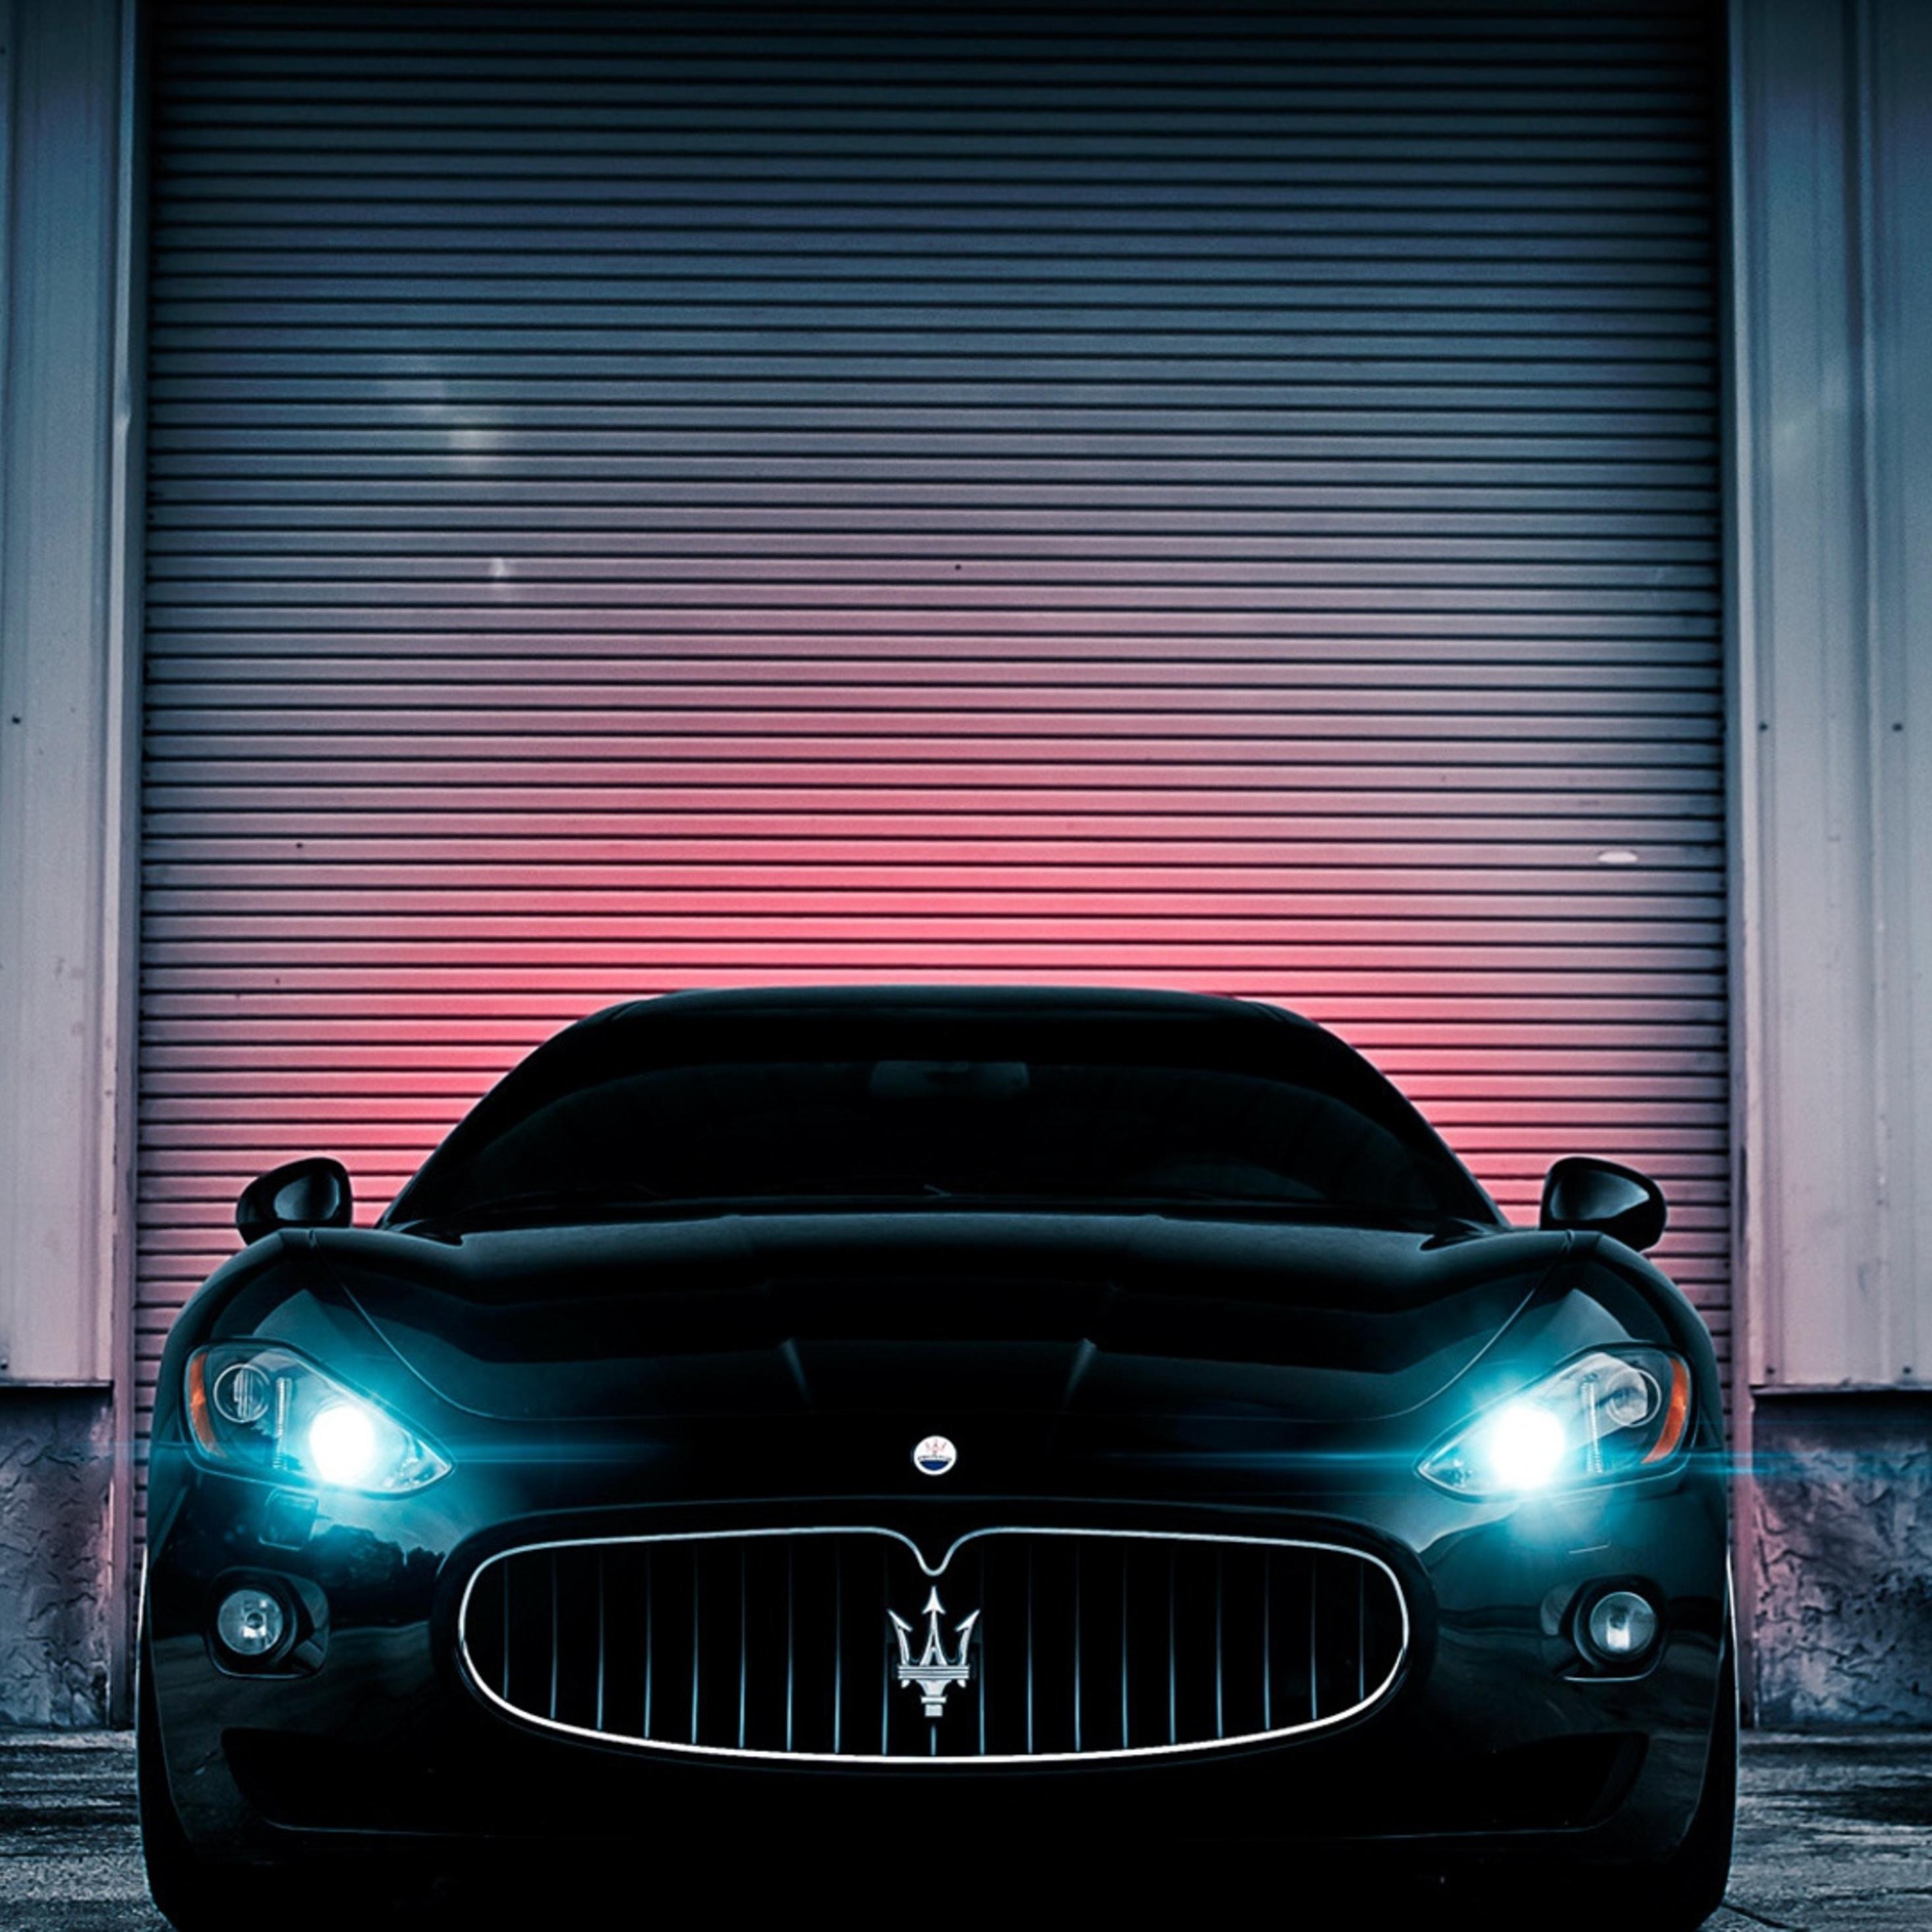 2932x2932 Maserati Lights Ipad Pro Retina Display HD 4k